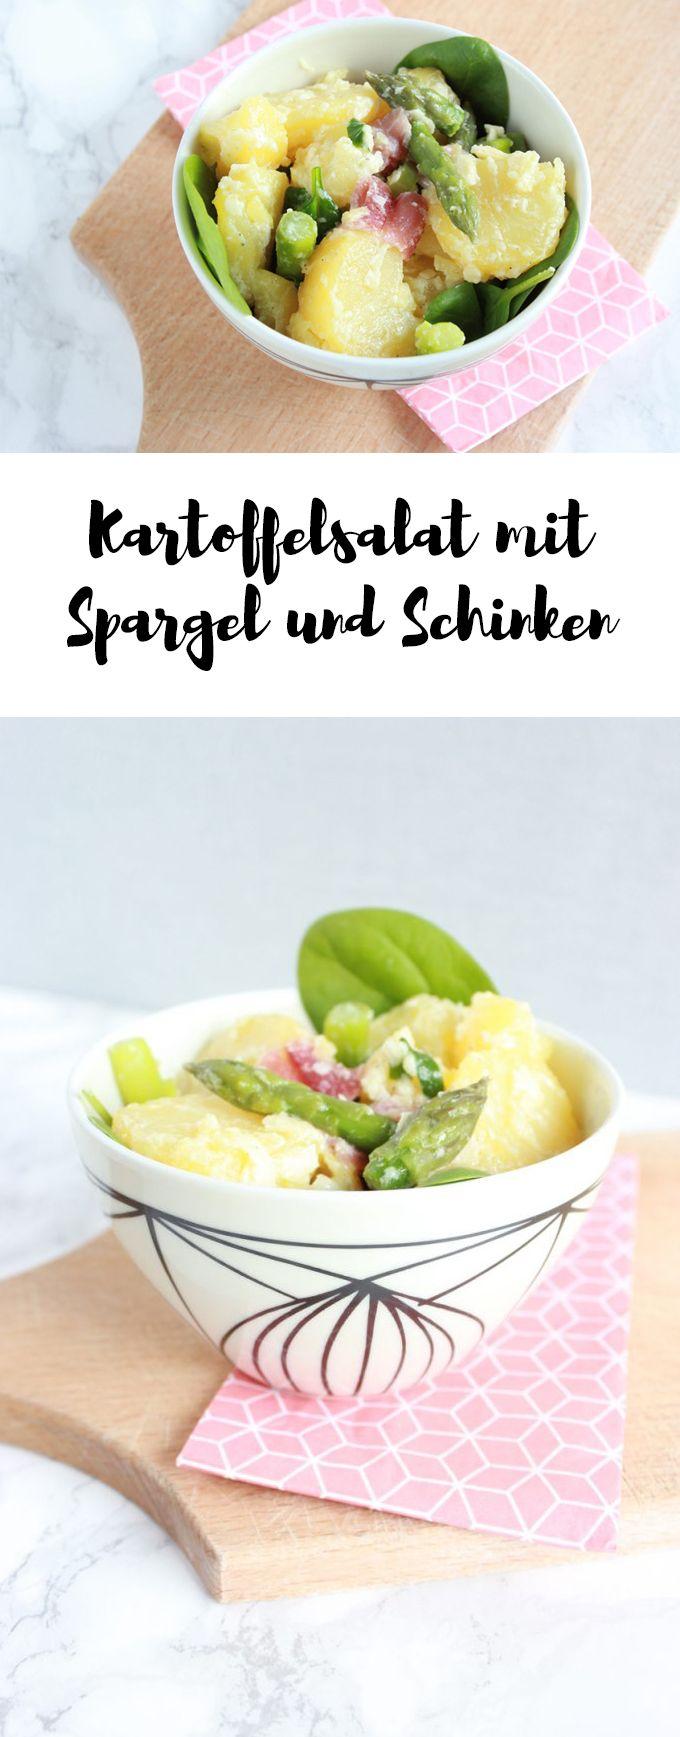 Kartoffelsalat mit grünem Spargel und Schinken